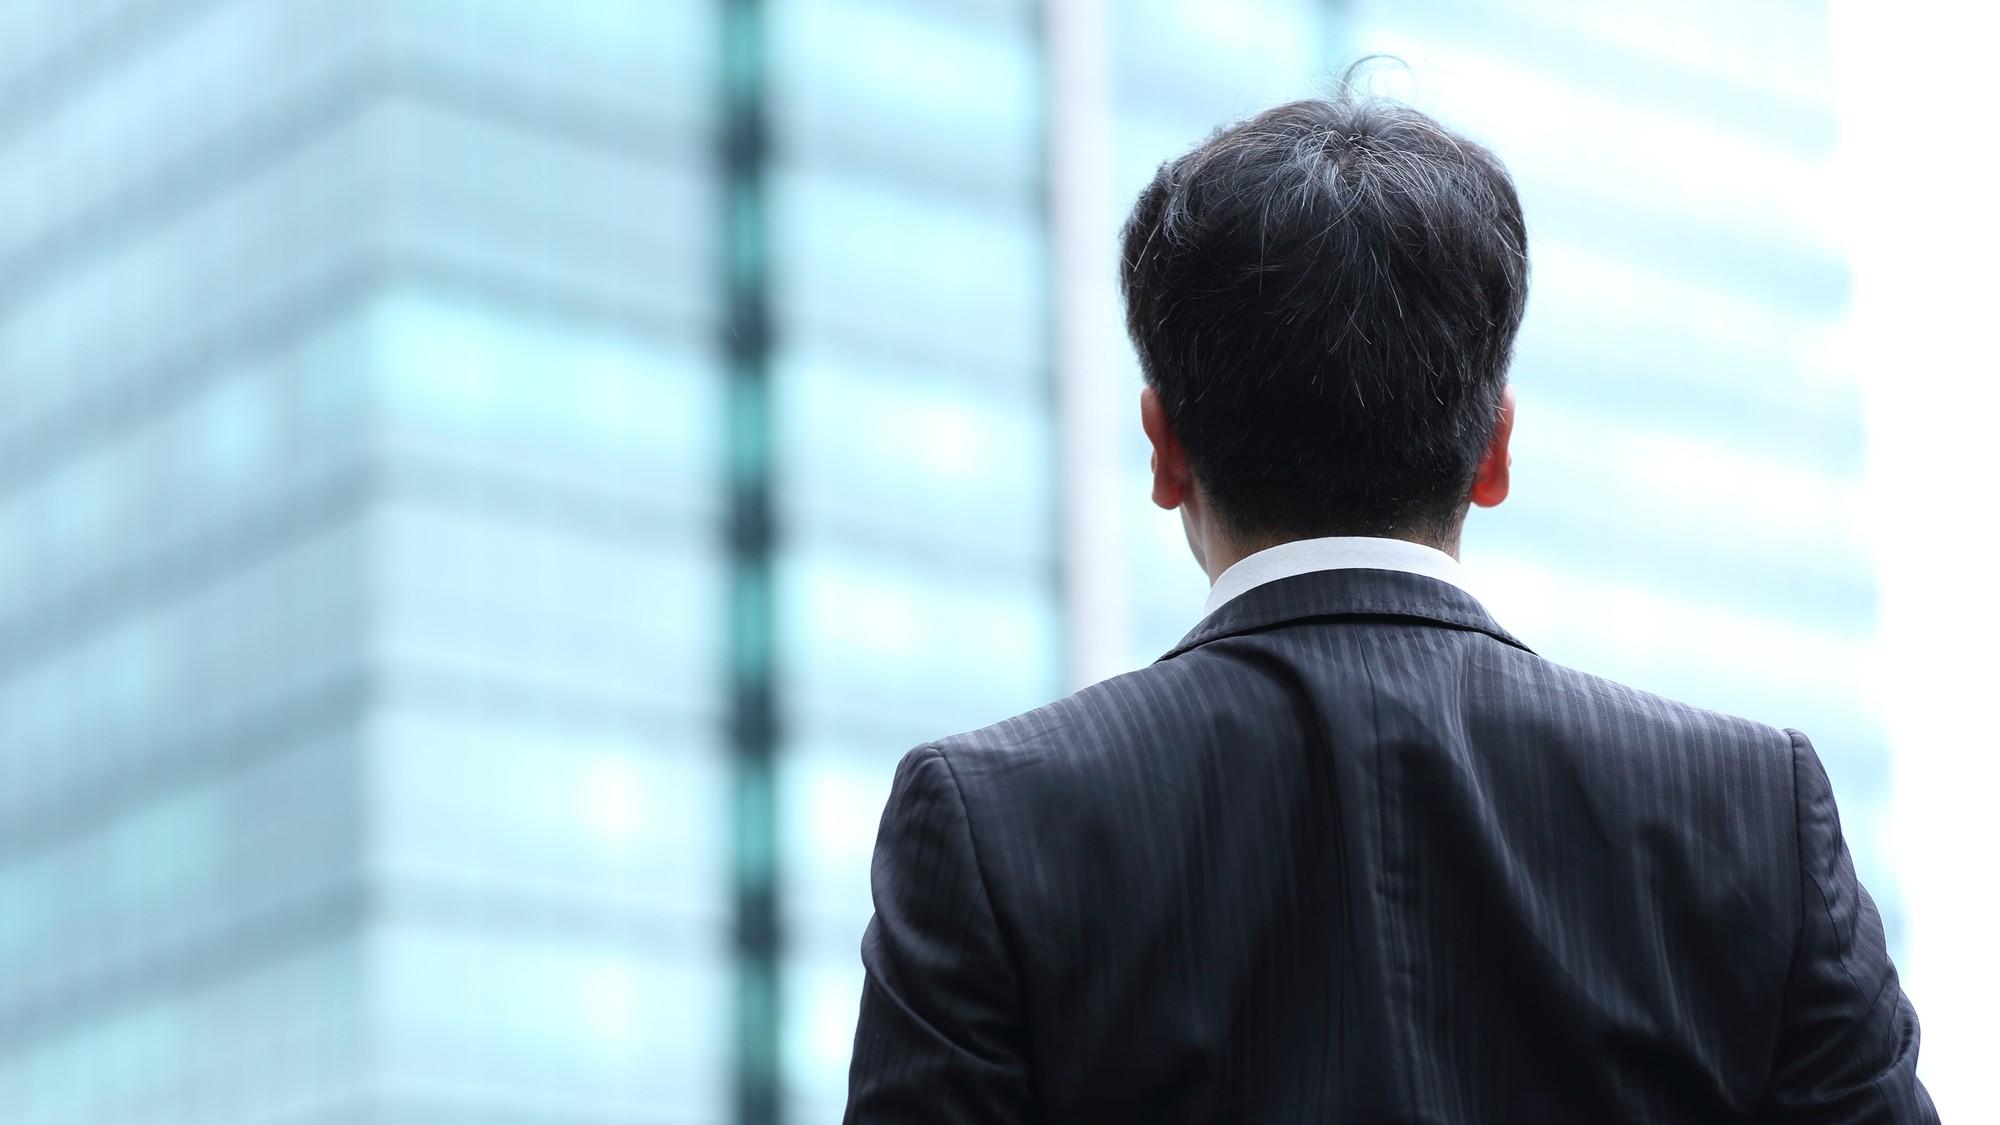 50代以上のサラリーマンが「不動産投資へ挑戦」は無謀か? | 富裕層 ...